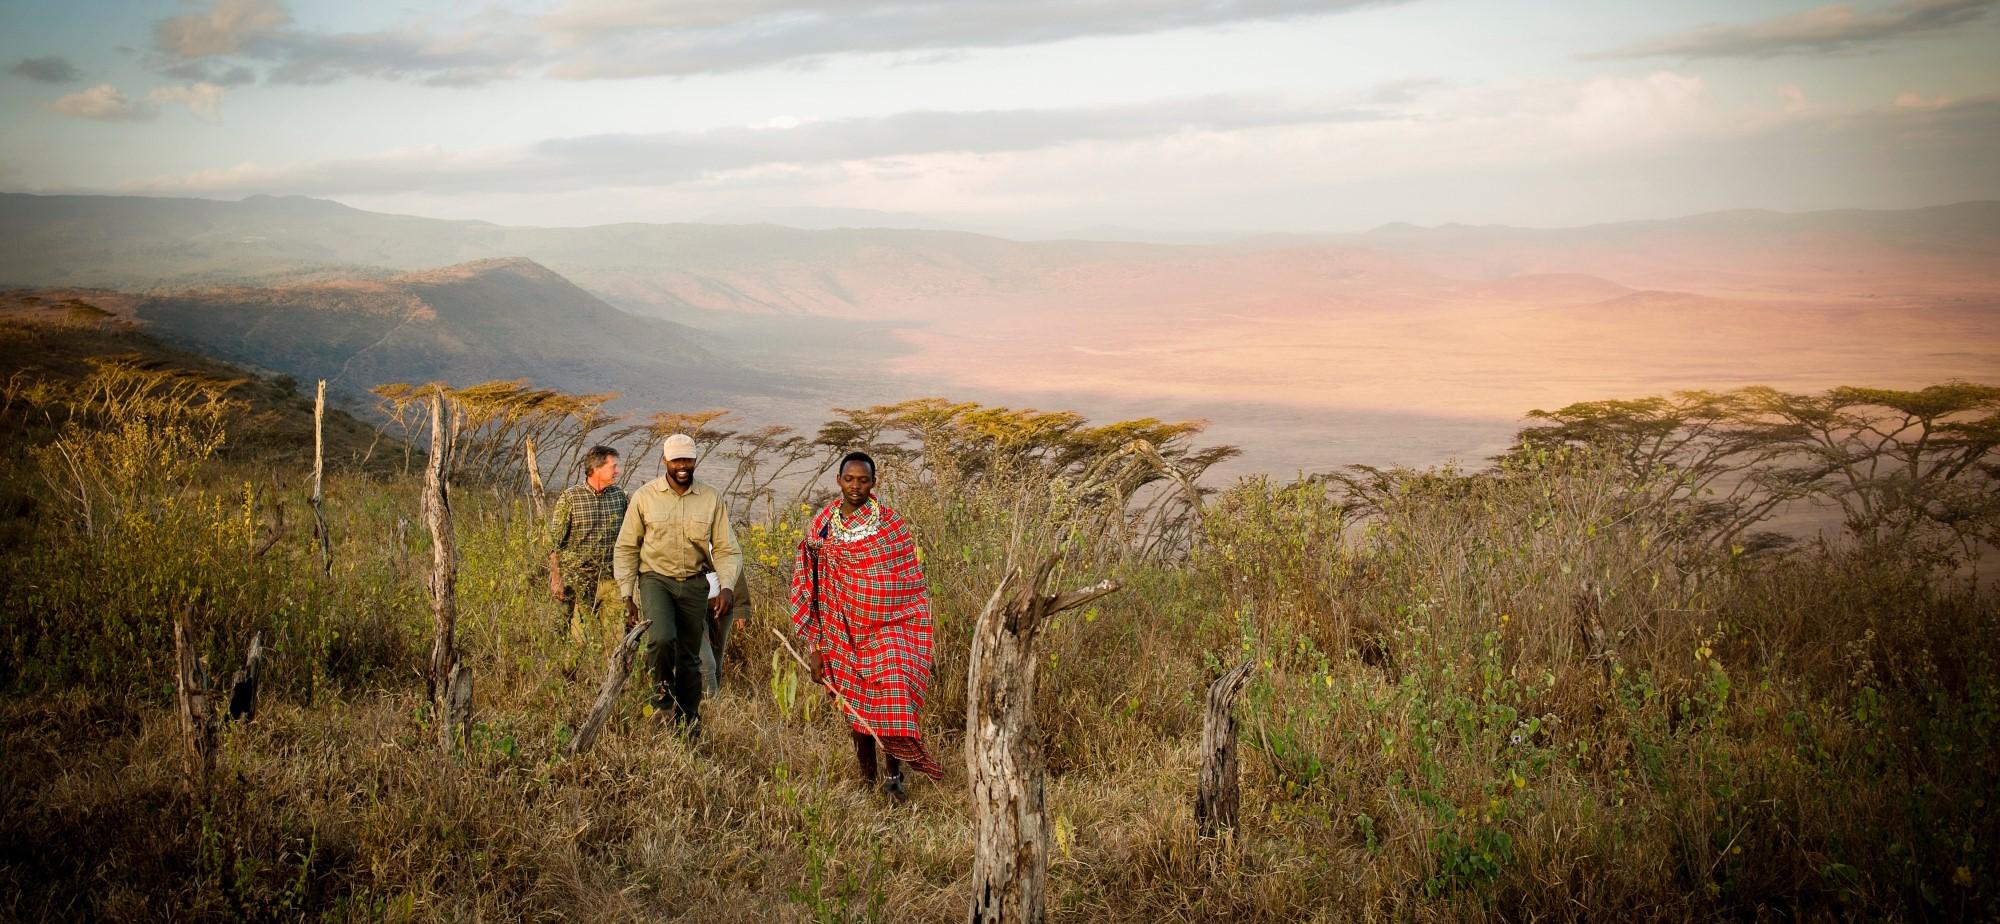 walking-safari-ngorongoro-crater